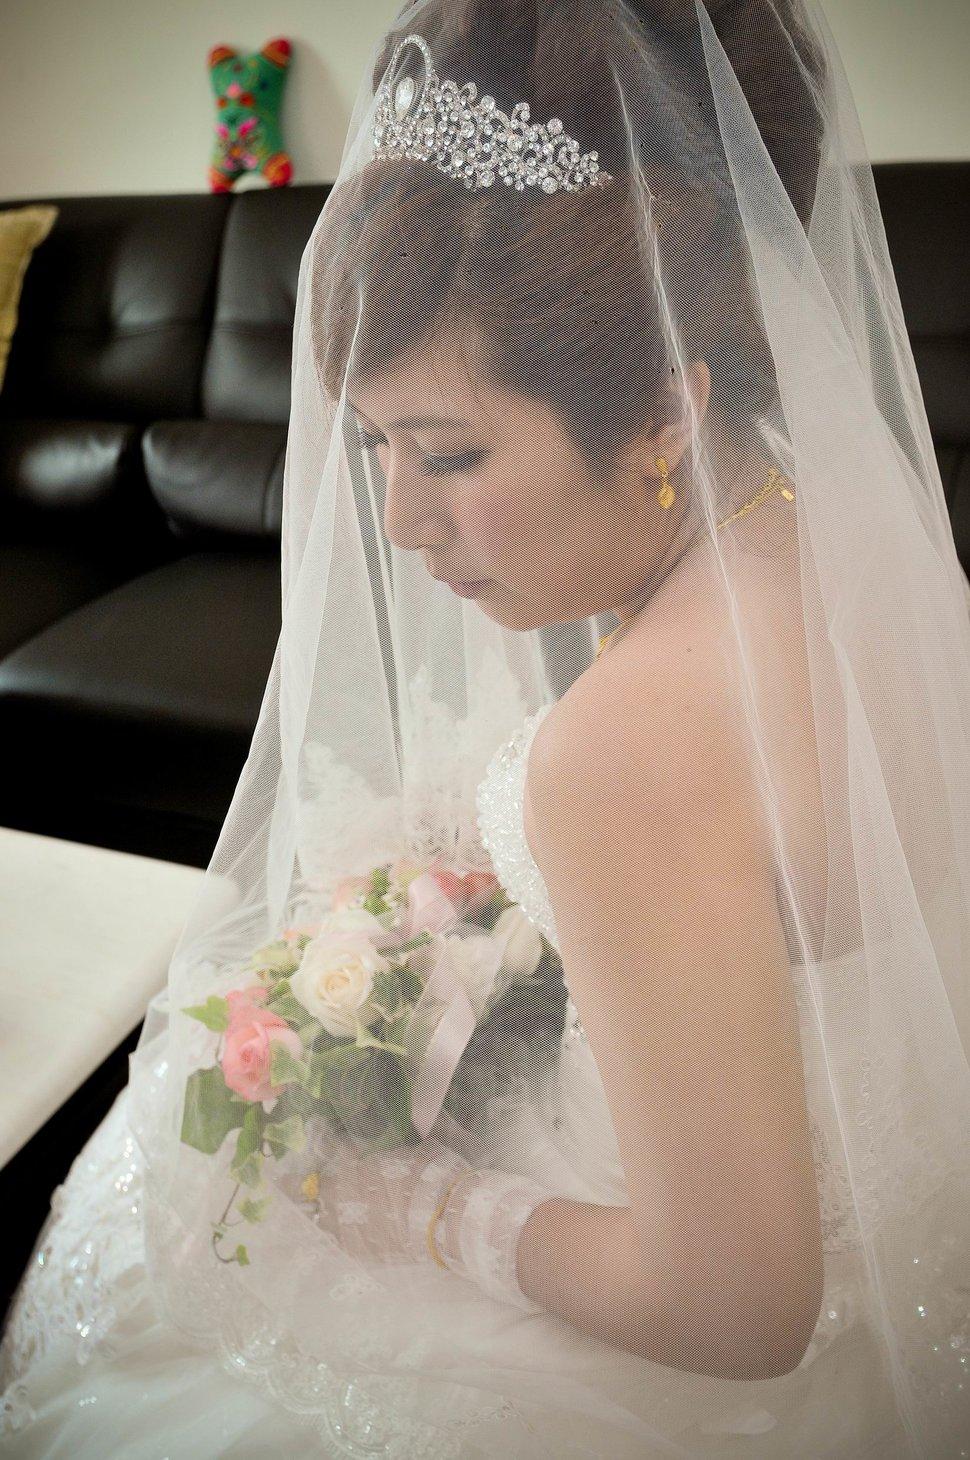 專業婚攝婚禮紀錄婚禮紀錄專業錄影婚禮錄影婚禮記錄動態微電影錄影專業錄影平面攝影婚攝婚禮主持人(編號:280485) - 蜜月拍照10800錄影12800攝影團隊 - 結婚吧